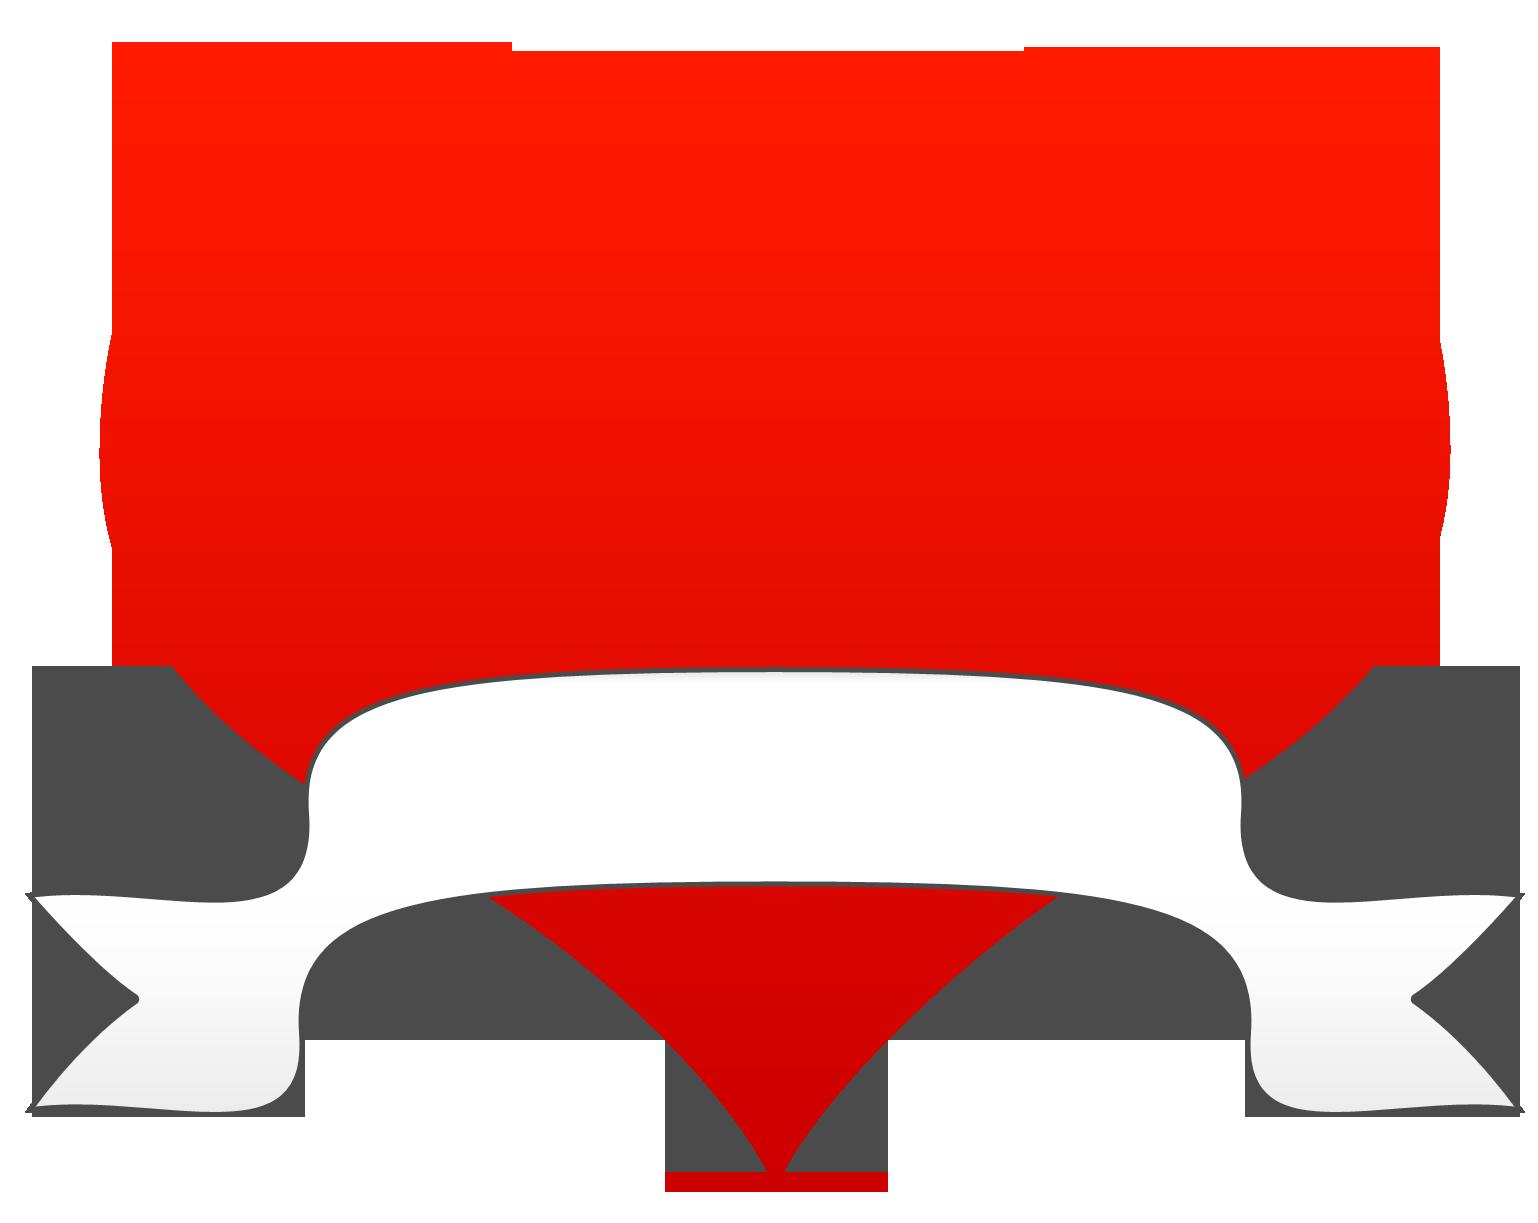 heart clipart-heart clipart-15